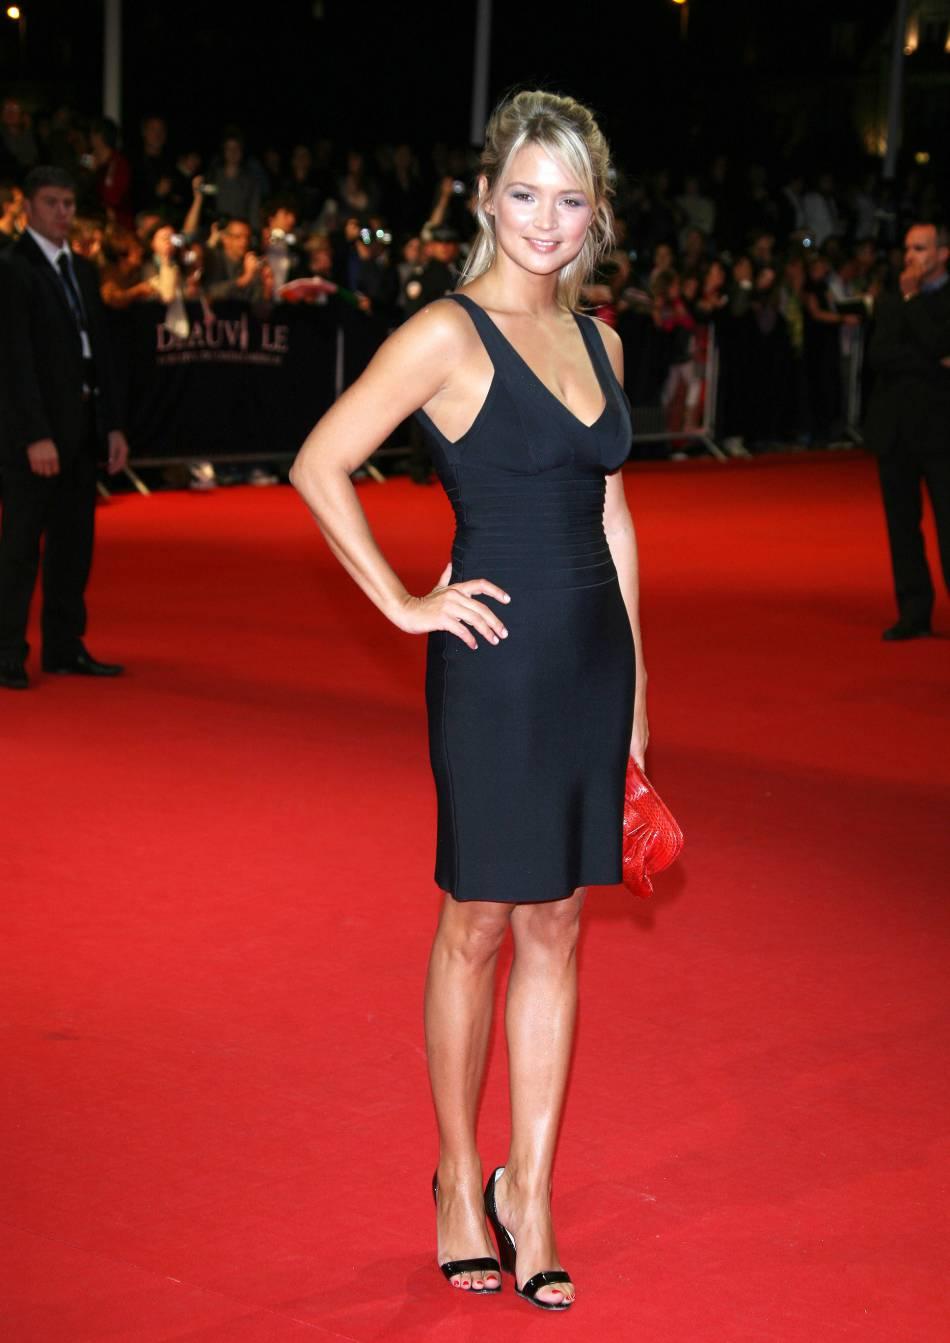 Virginie Efira et la petite robe noire à Cannes en 2008.